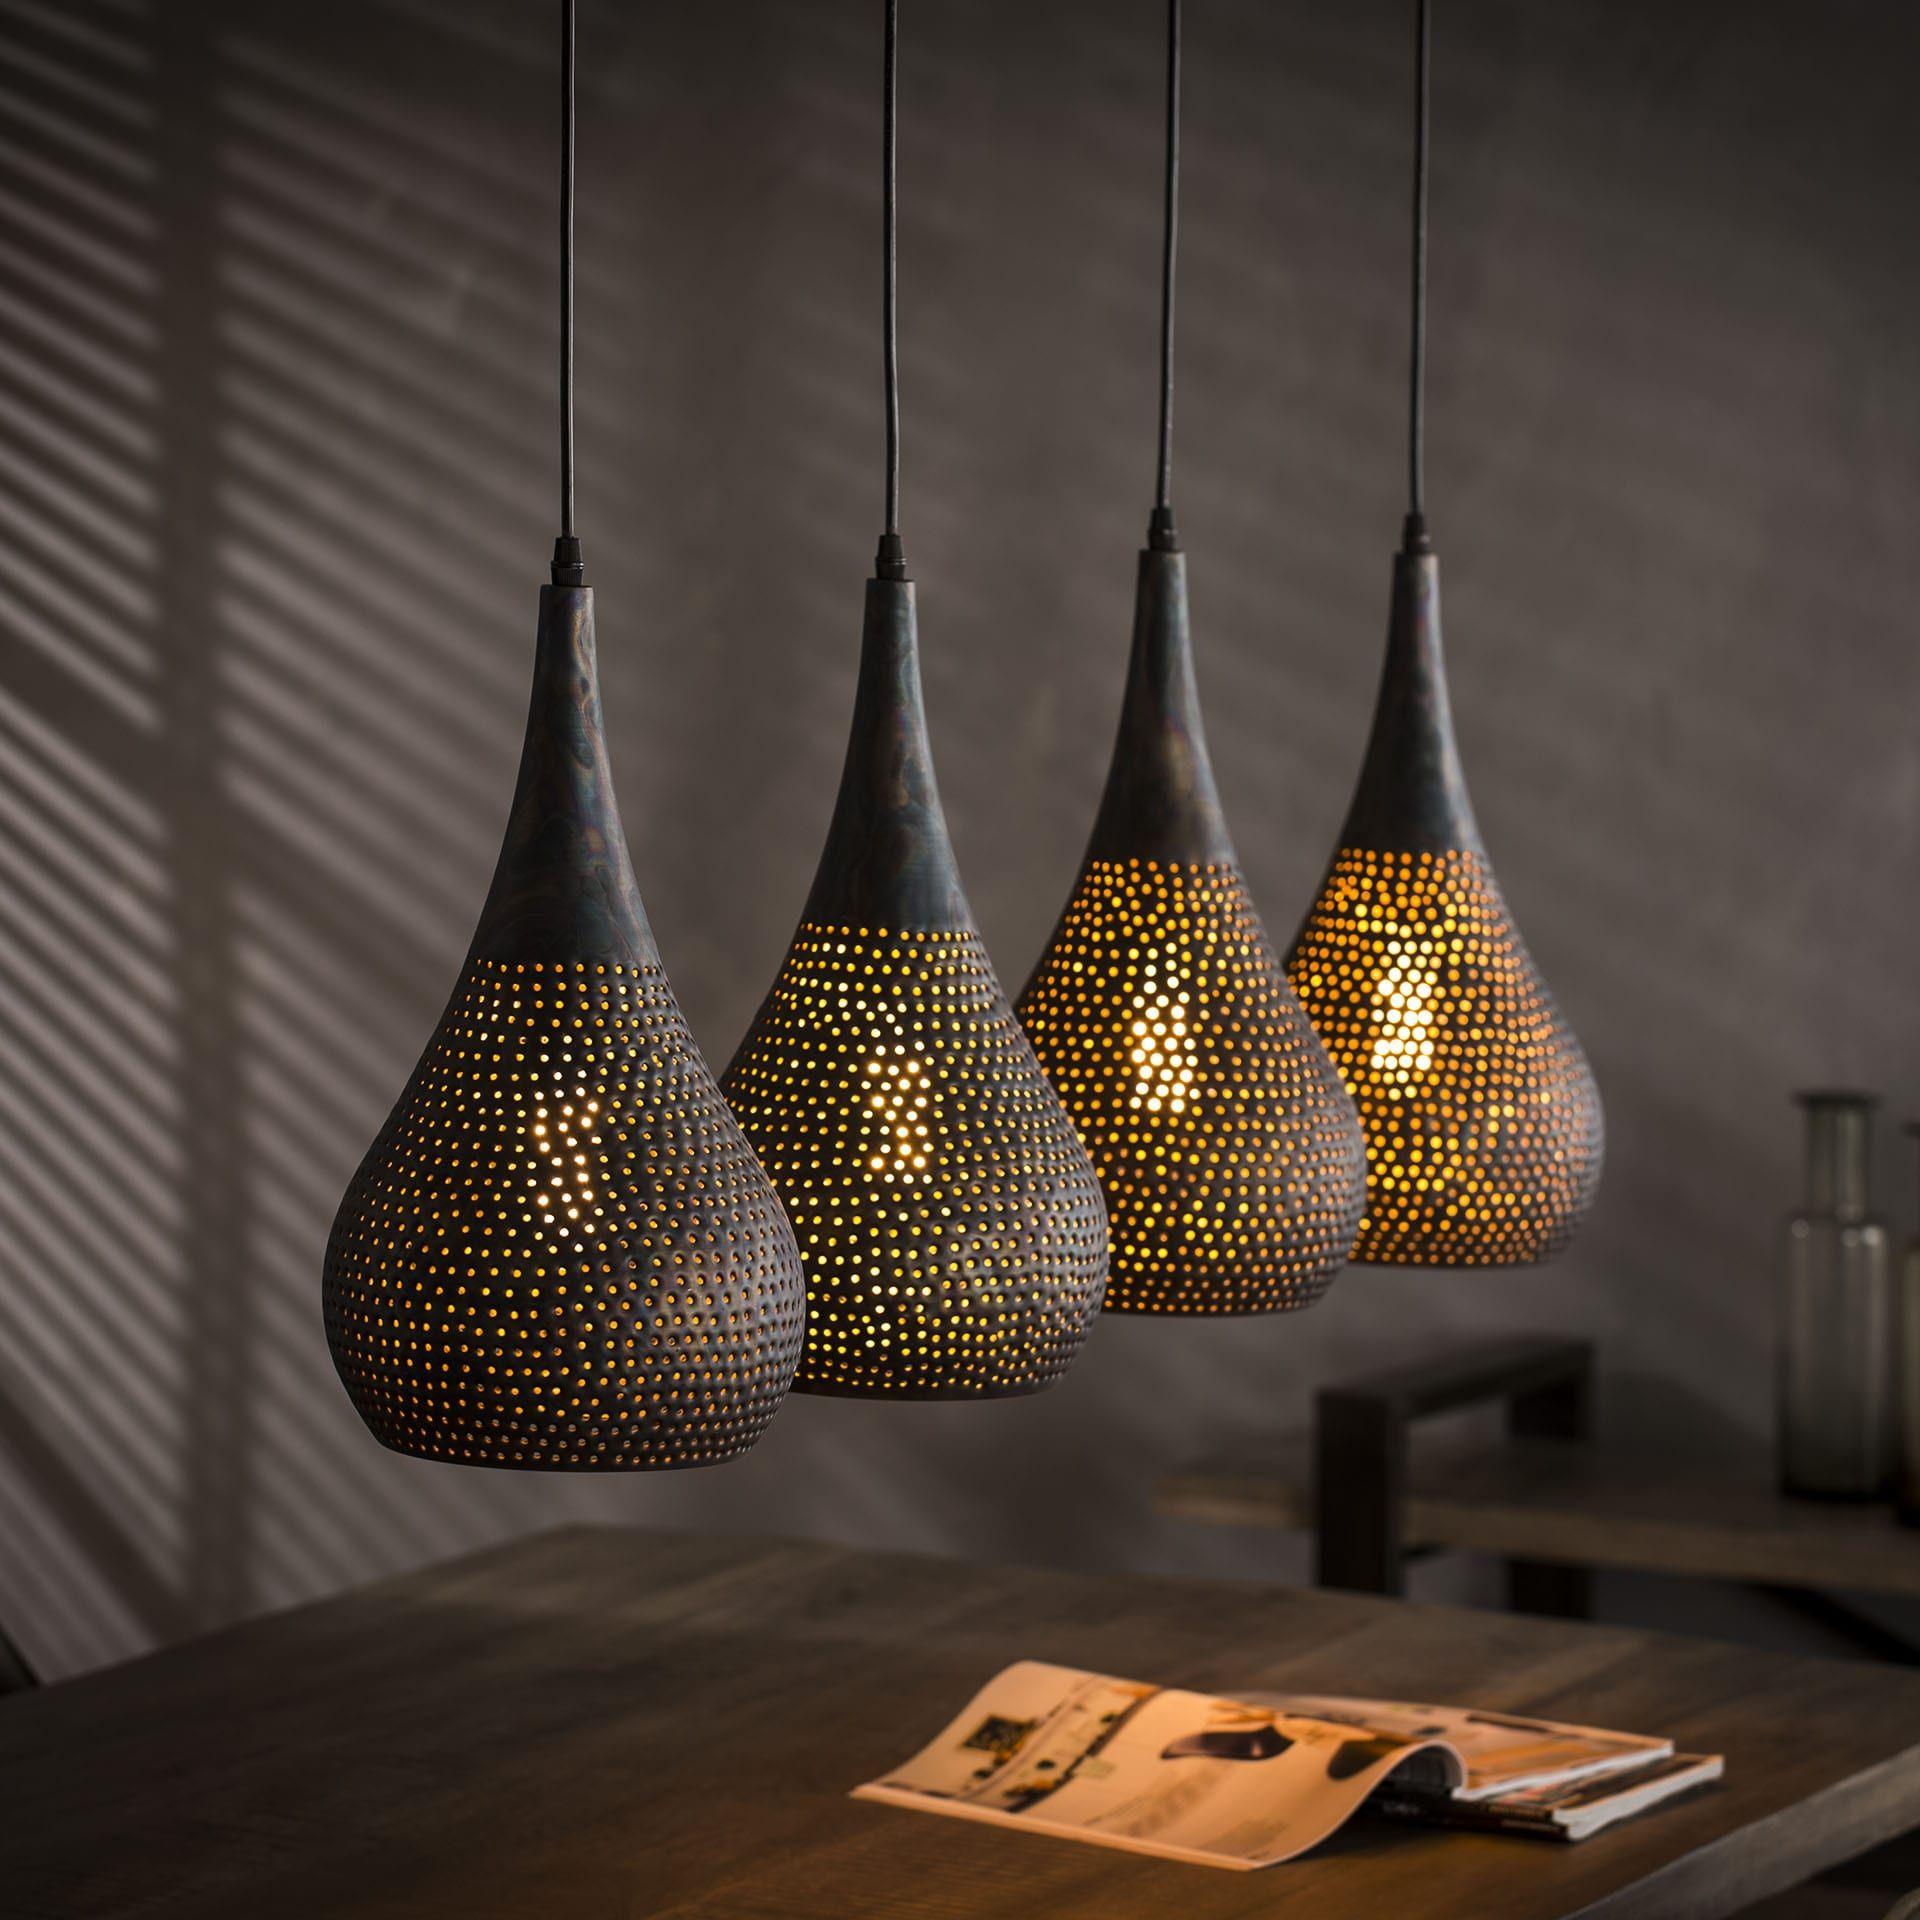 Mioni Hanglamp Ponce 4 Lamps Hanglamp Lampen En Hangende Lampen